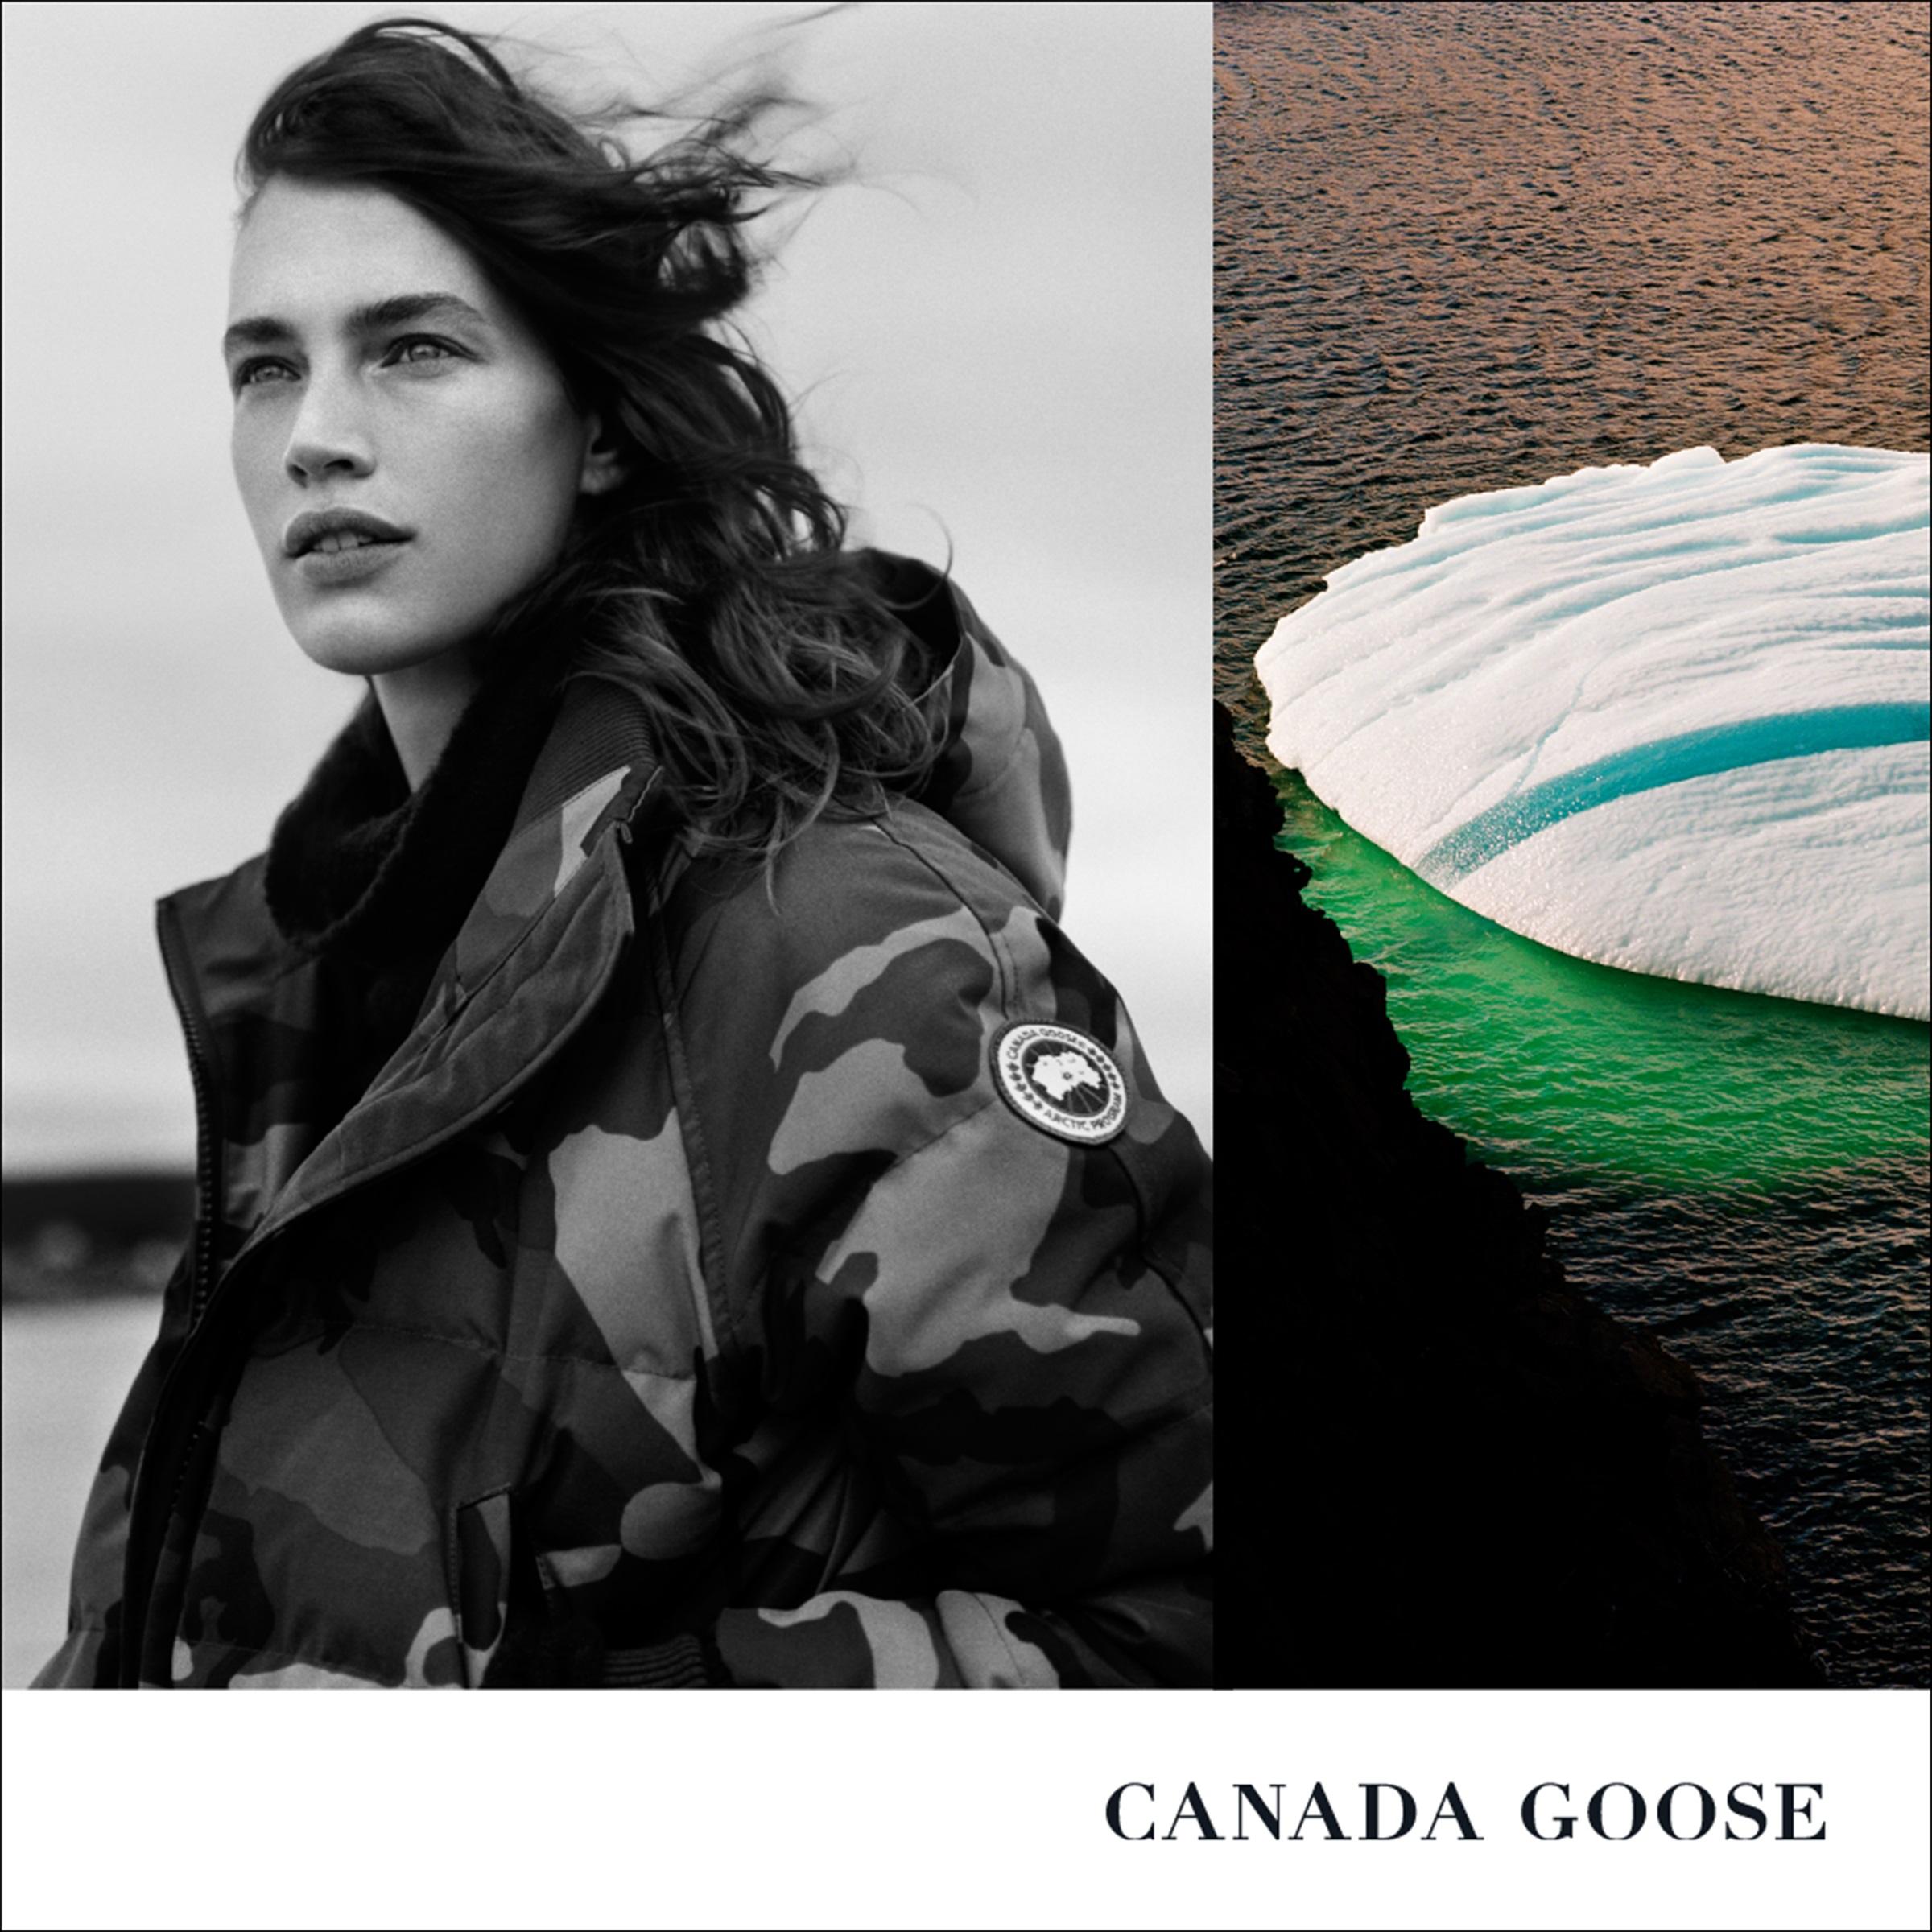 canada goose sales coordinator